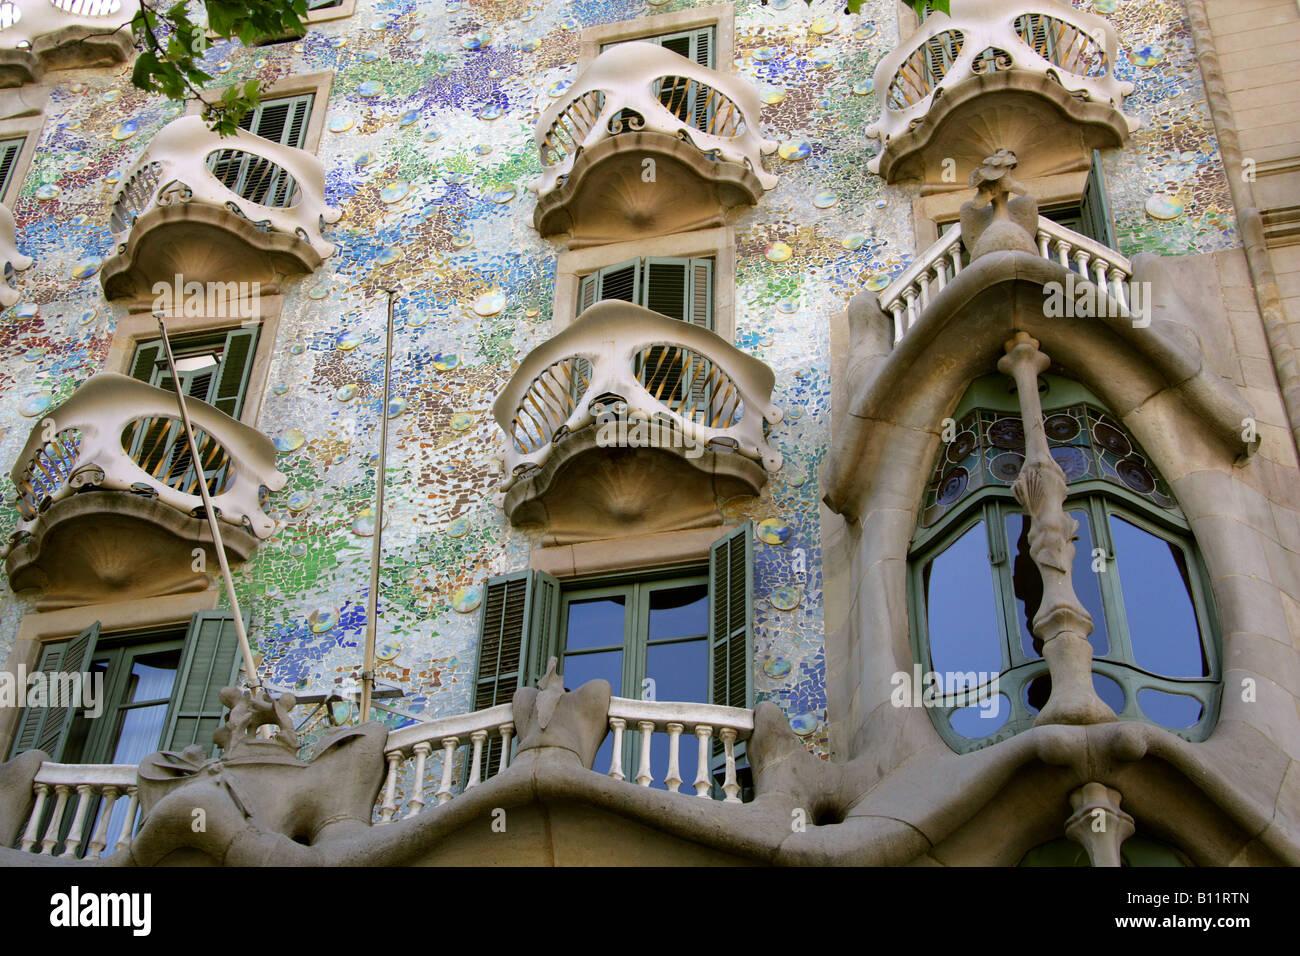 The Facade of Antoni Gaudi's Building the Casa Batllo on Passeig de Gracia, Eixample, Barcelona, Spain - Stock Image